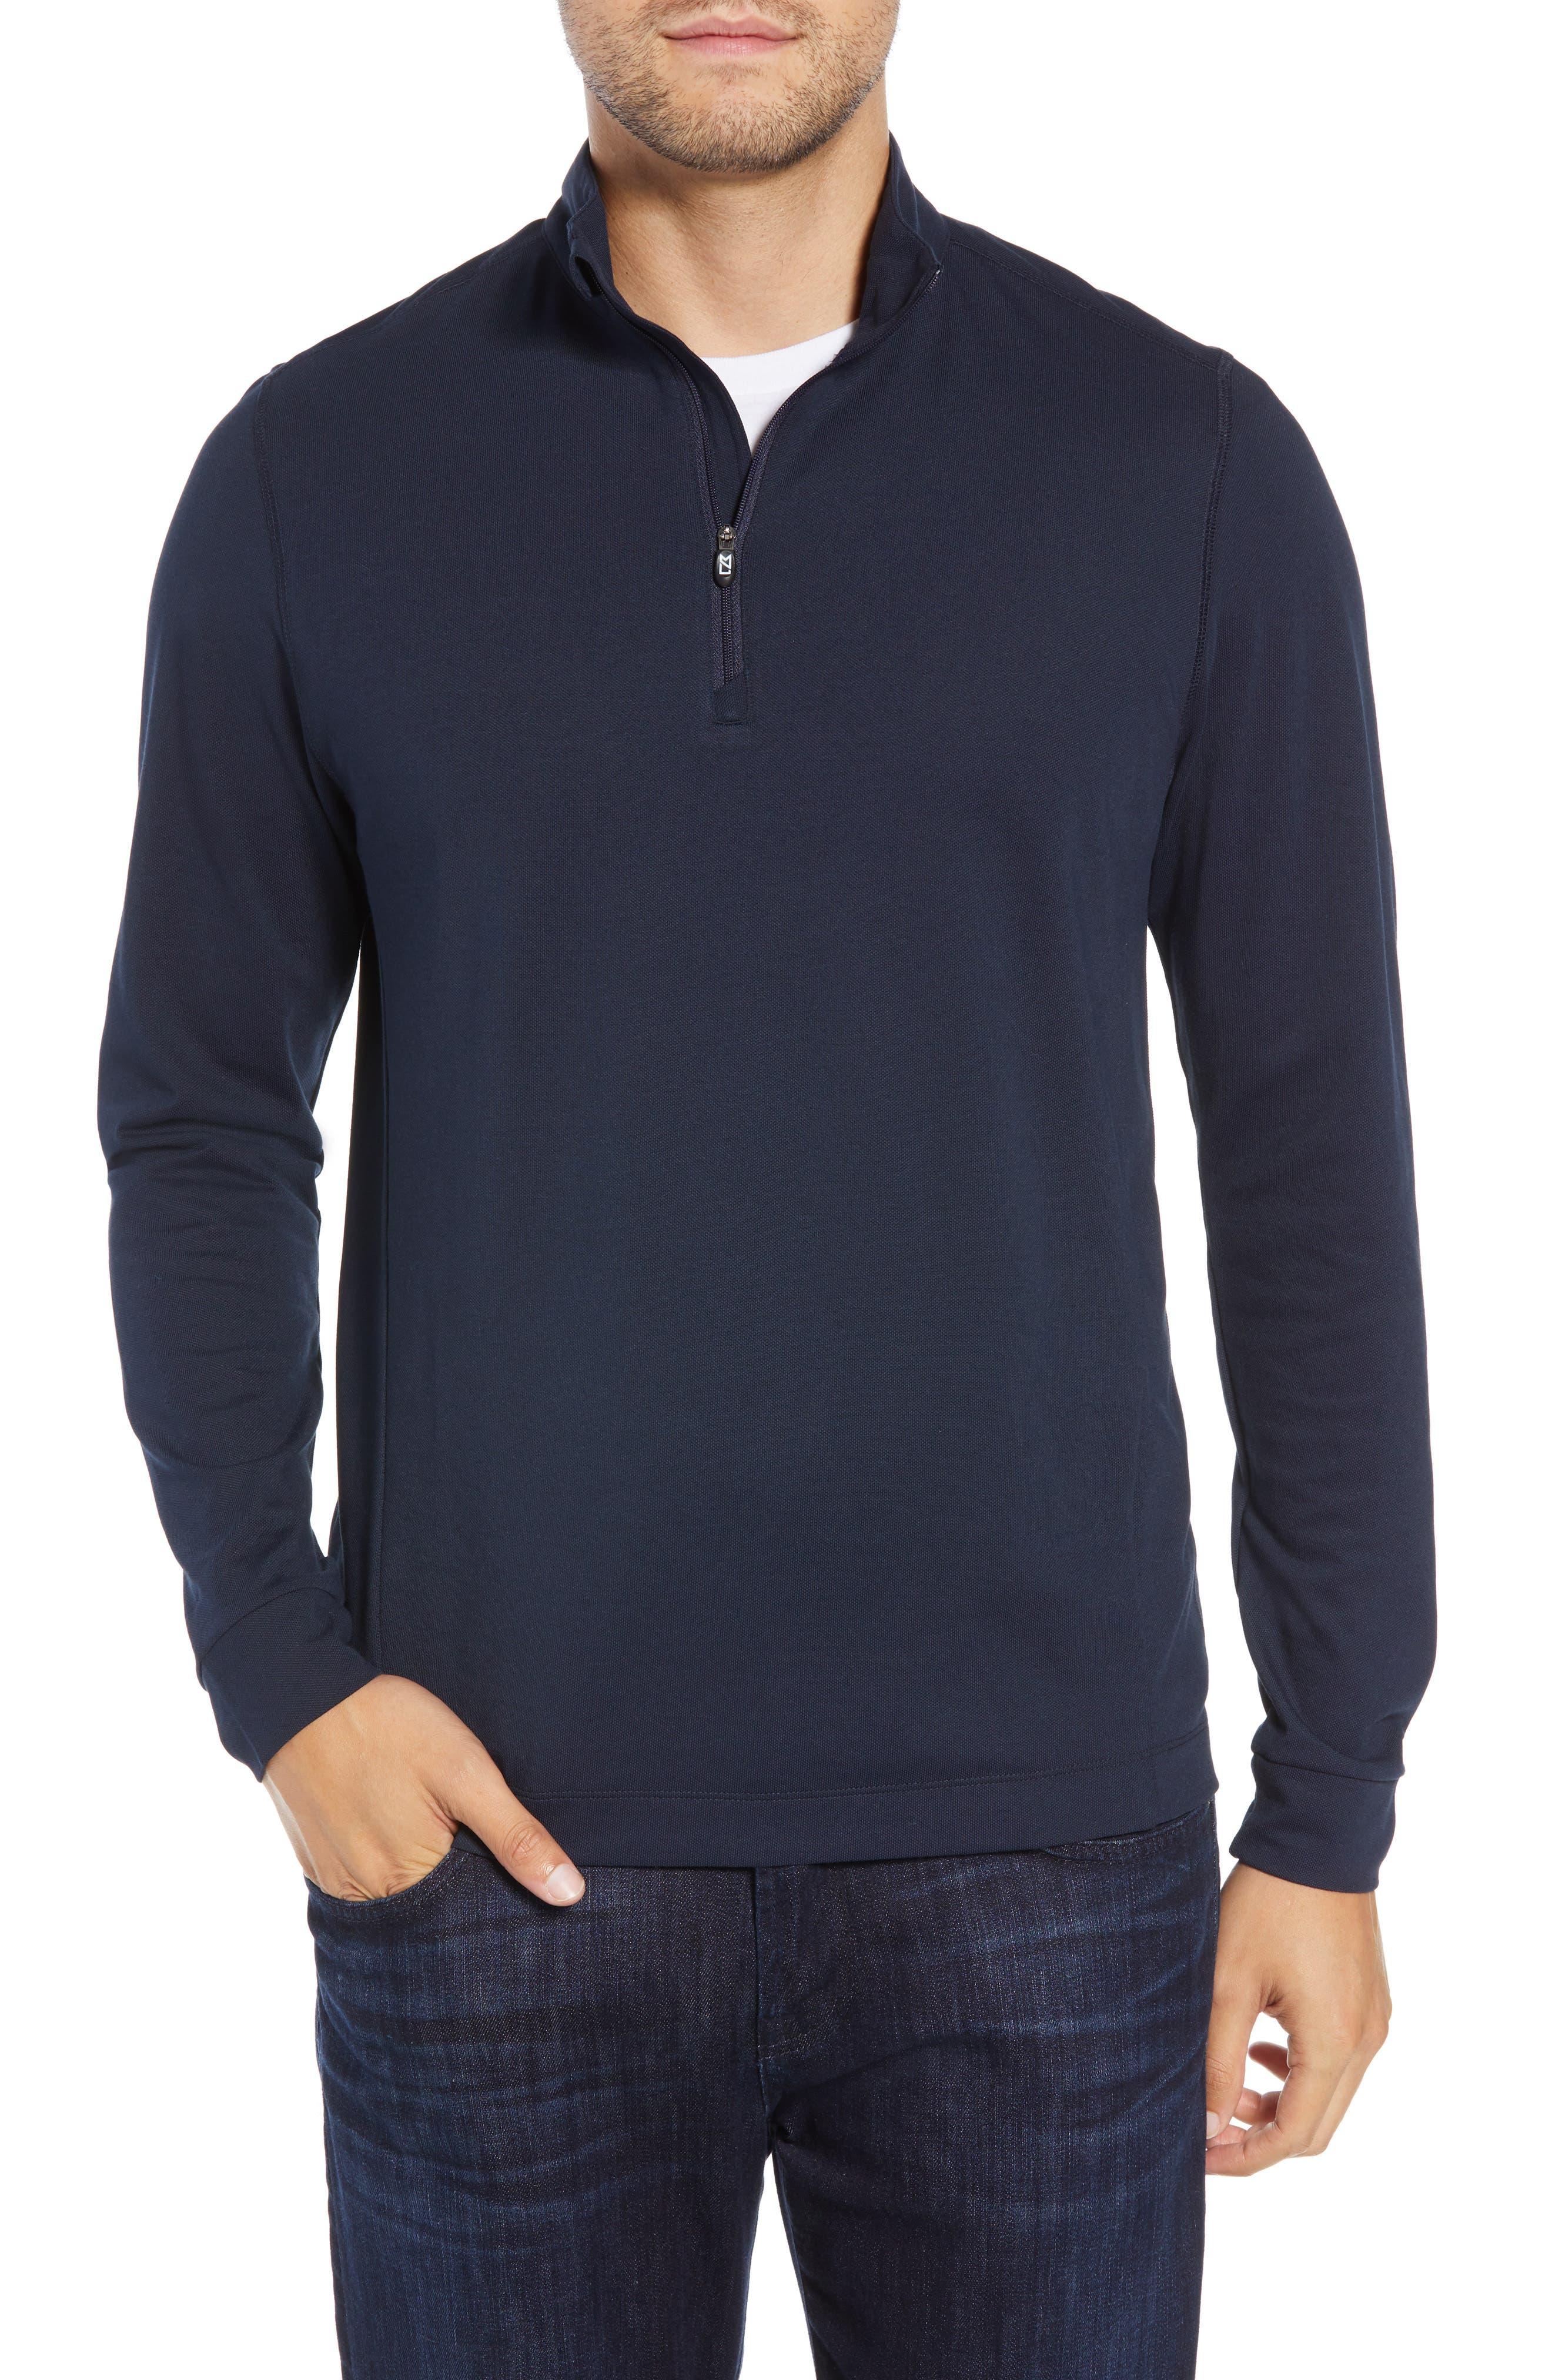 Advantage Regular Fit Drytec Mock Neck Pullover